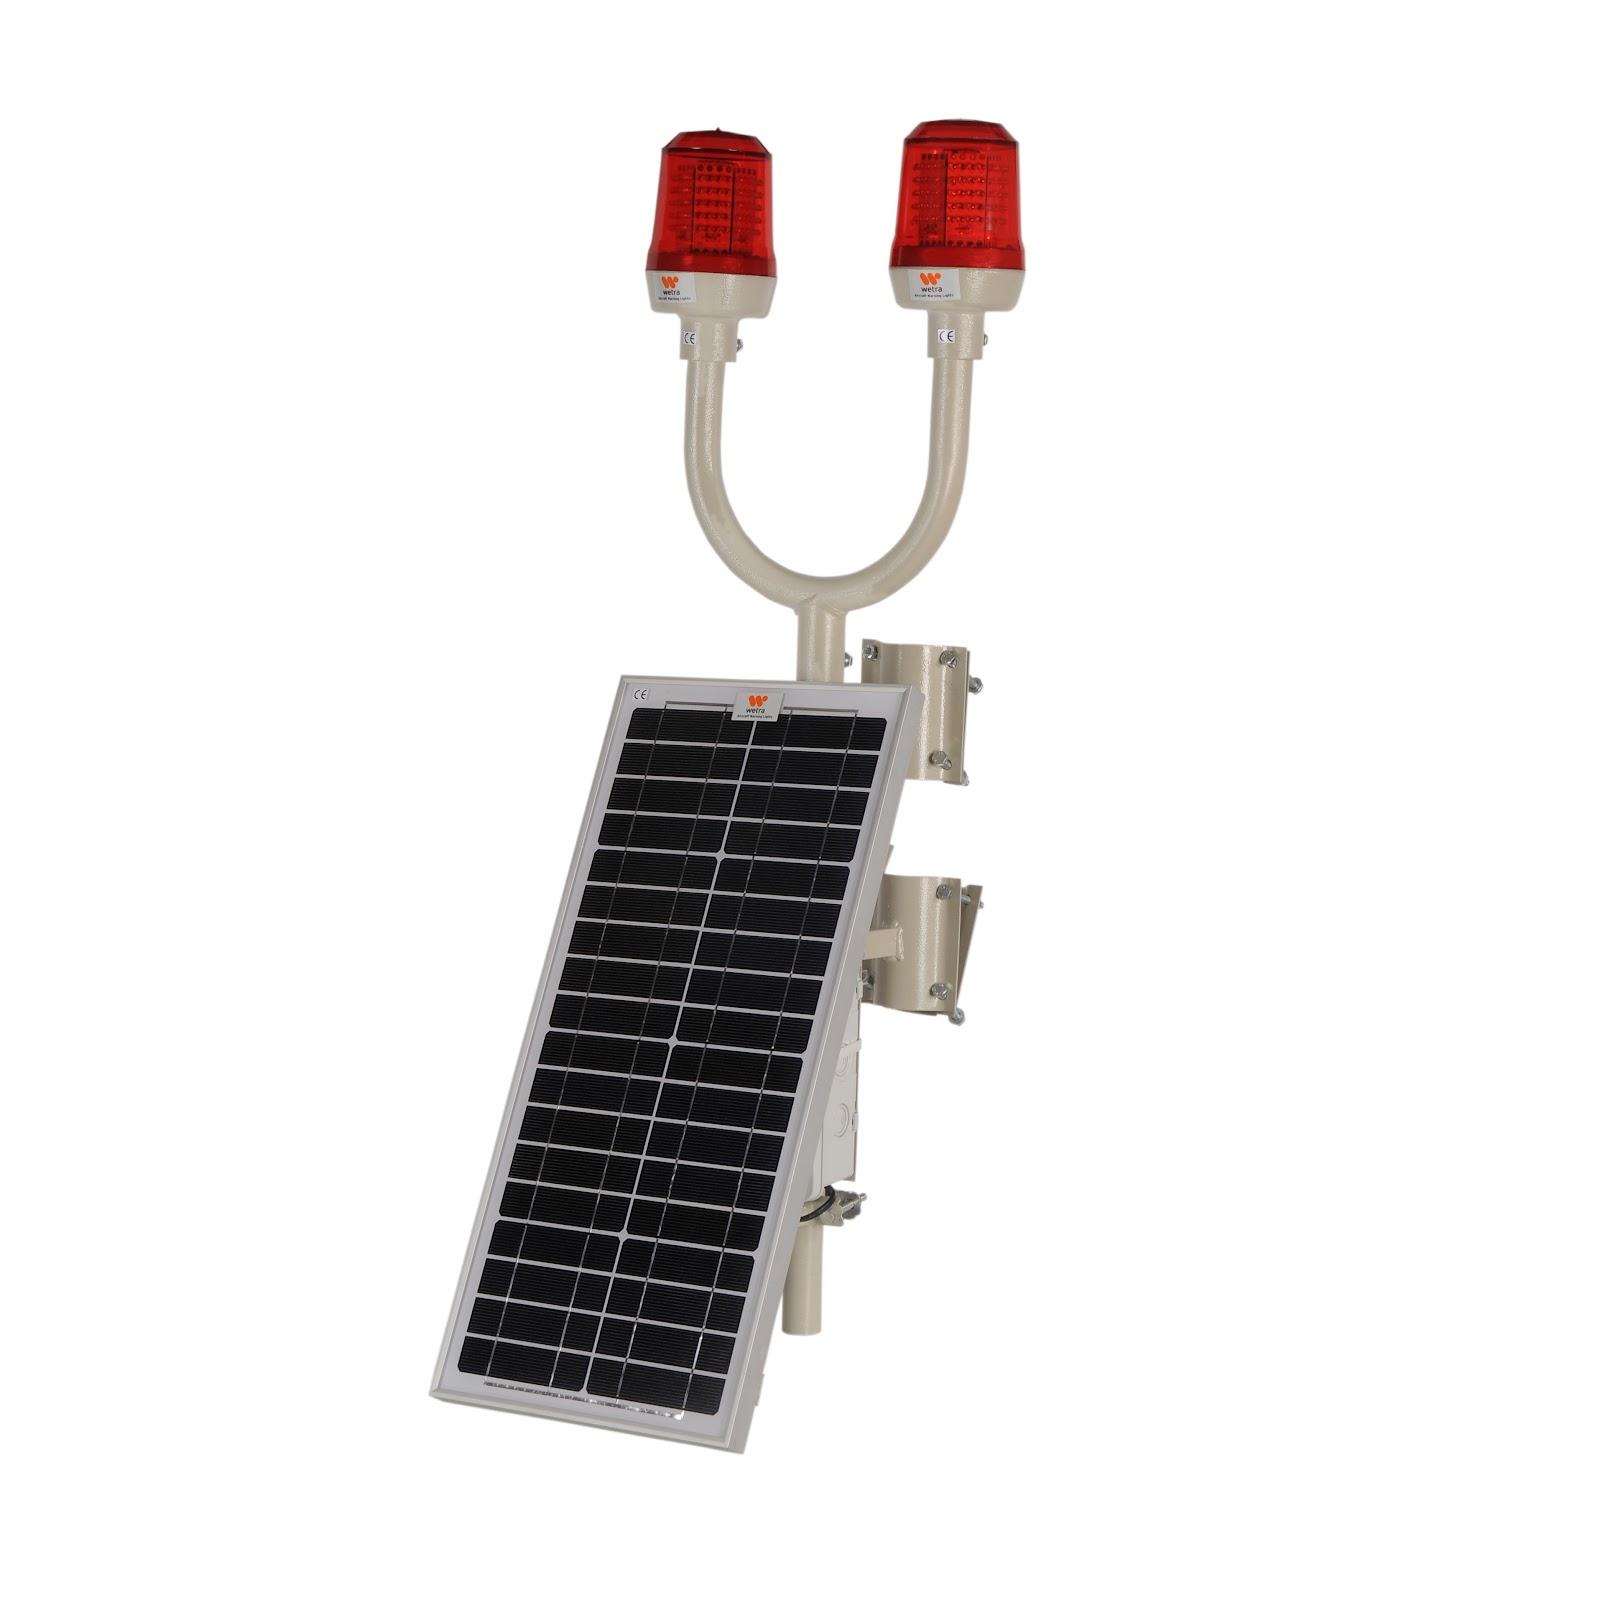 güneş enerjili kırmızı renk uçak ikaz lambası